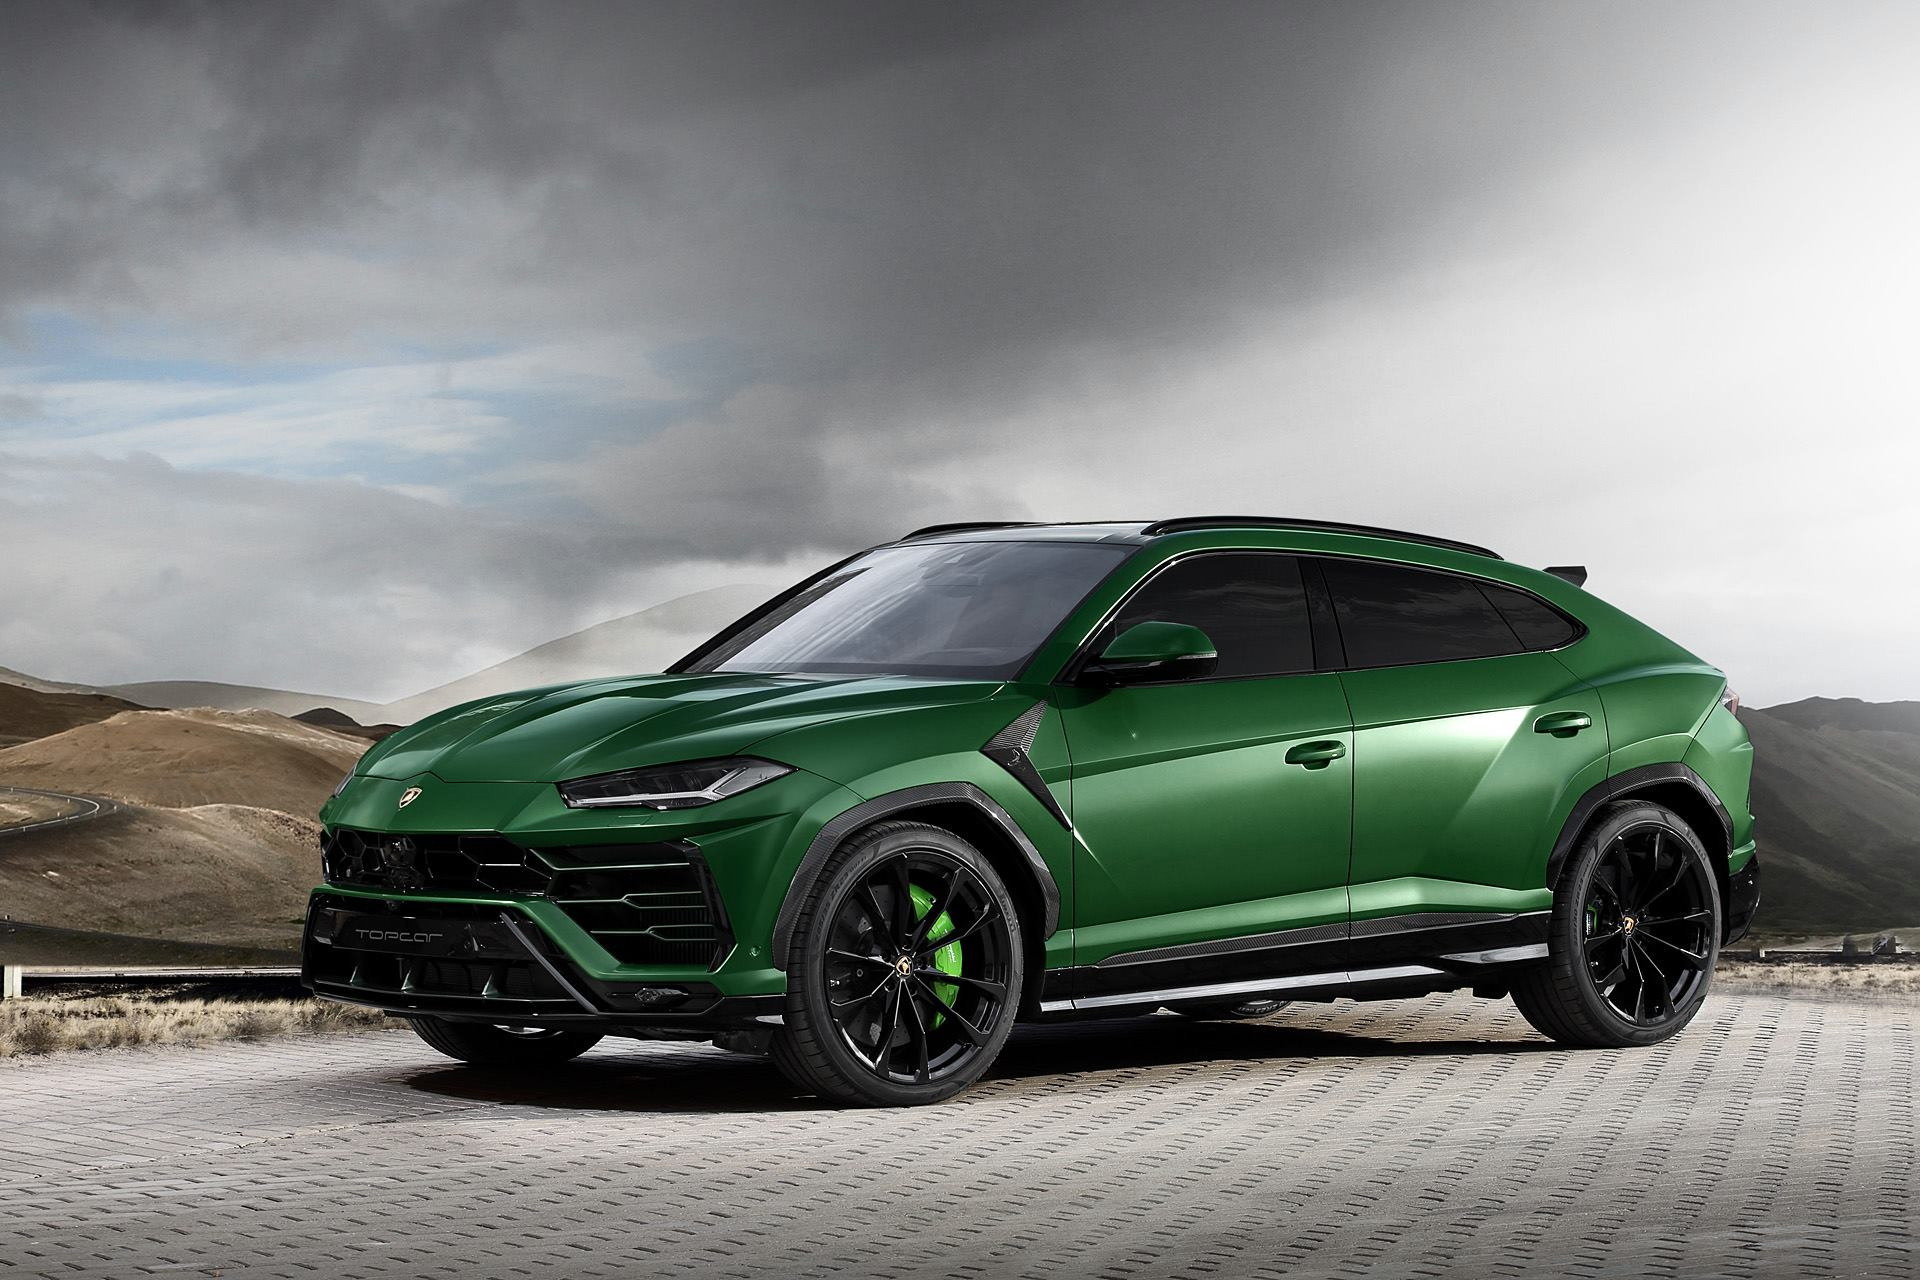 Military Green Lamborghini Urus